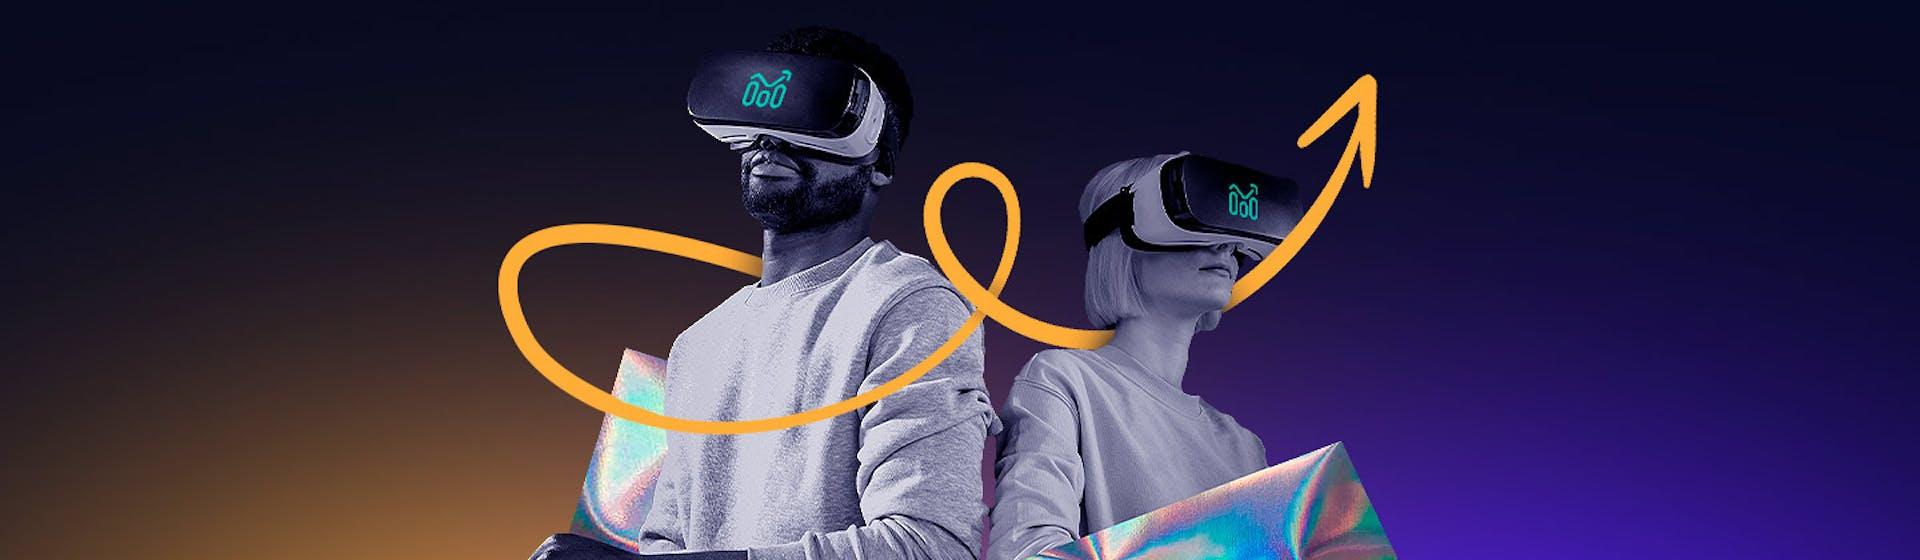 Las tendencias tecnológicas en el 2021 que las empresas no pueden ignorar